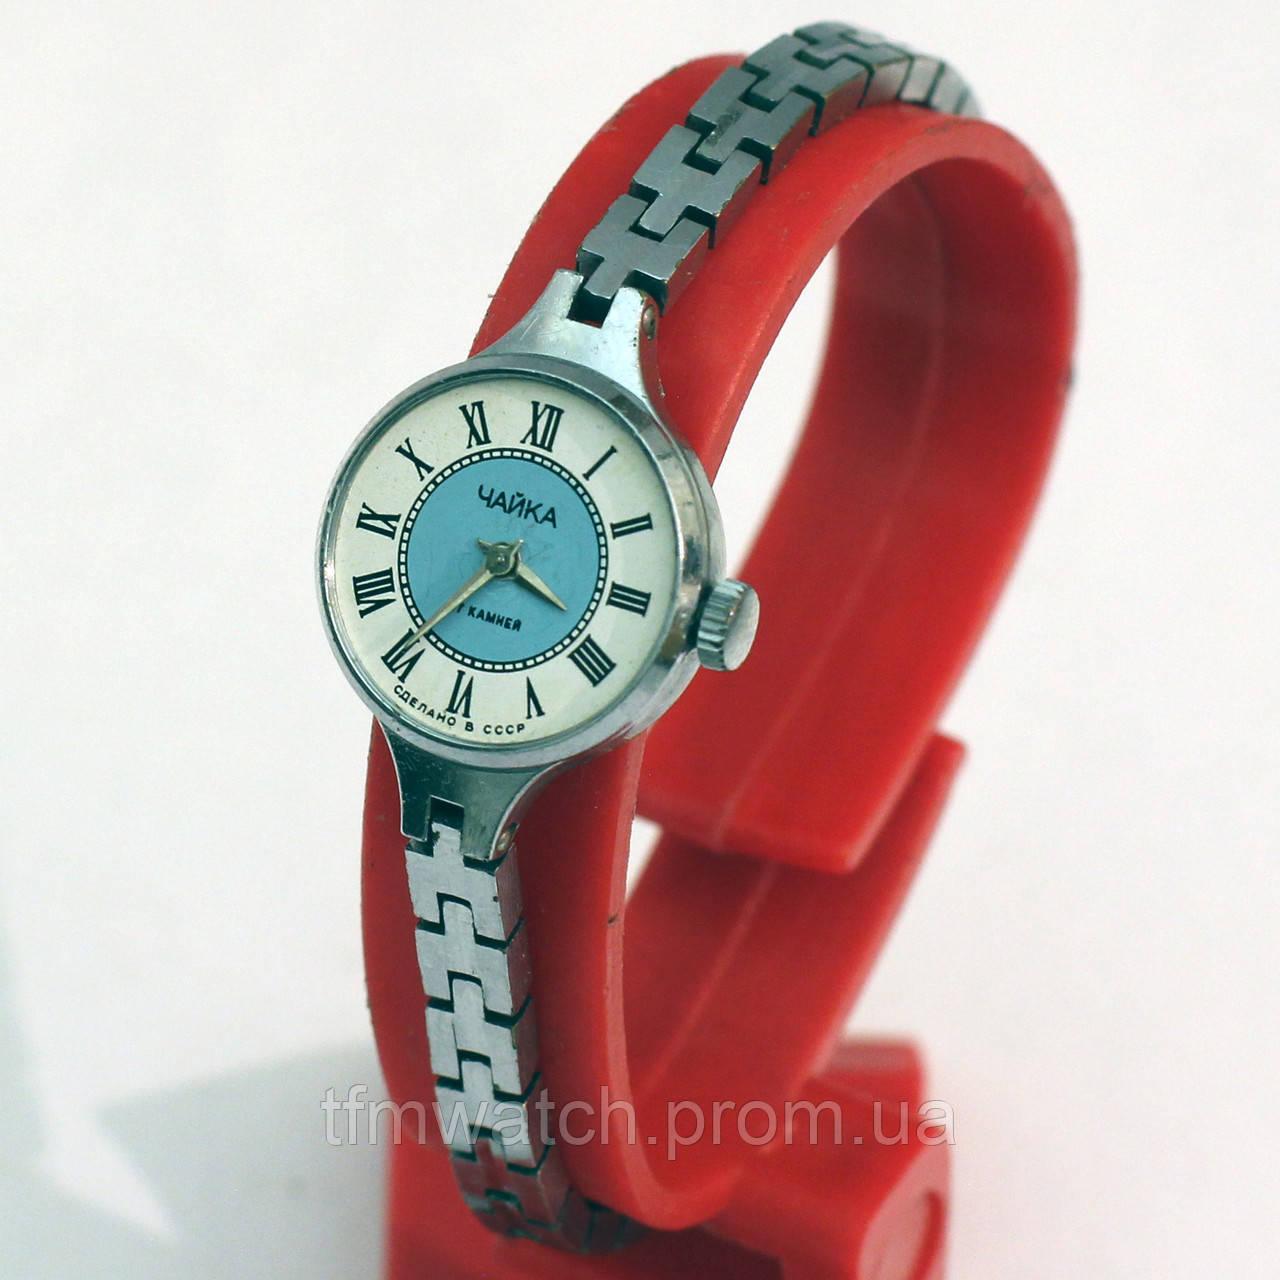 Женские часы Чайка производства СССР